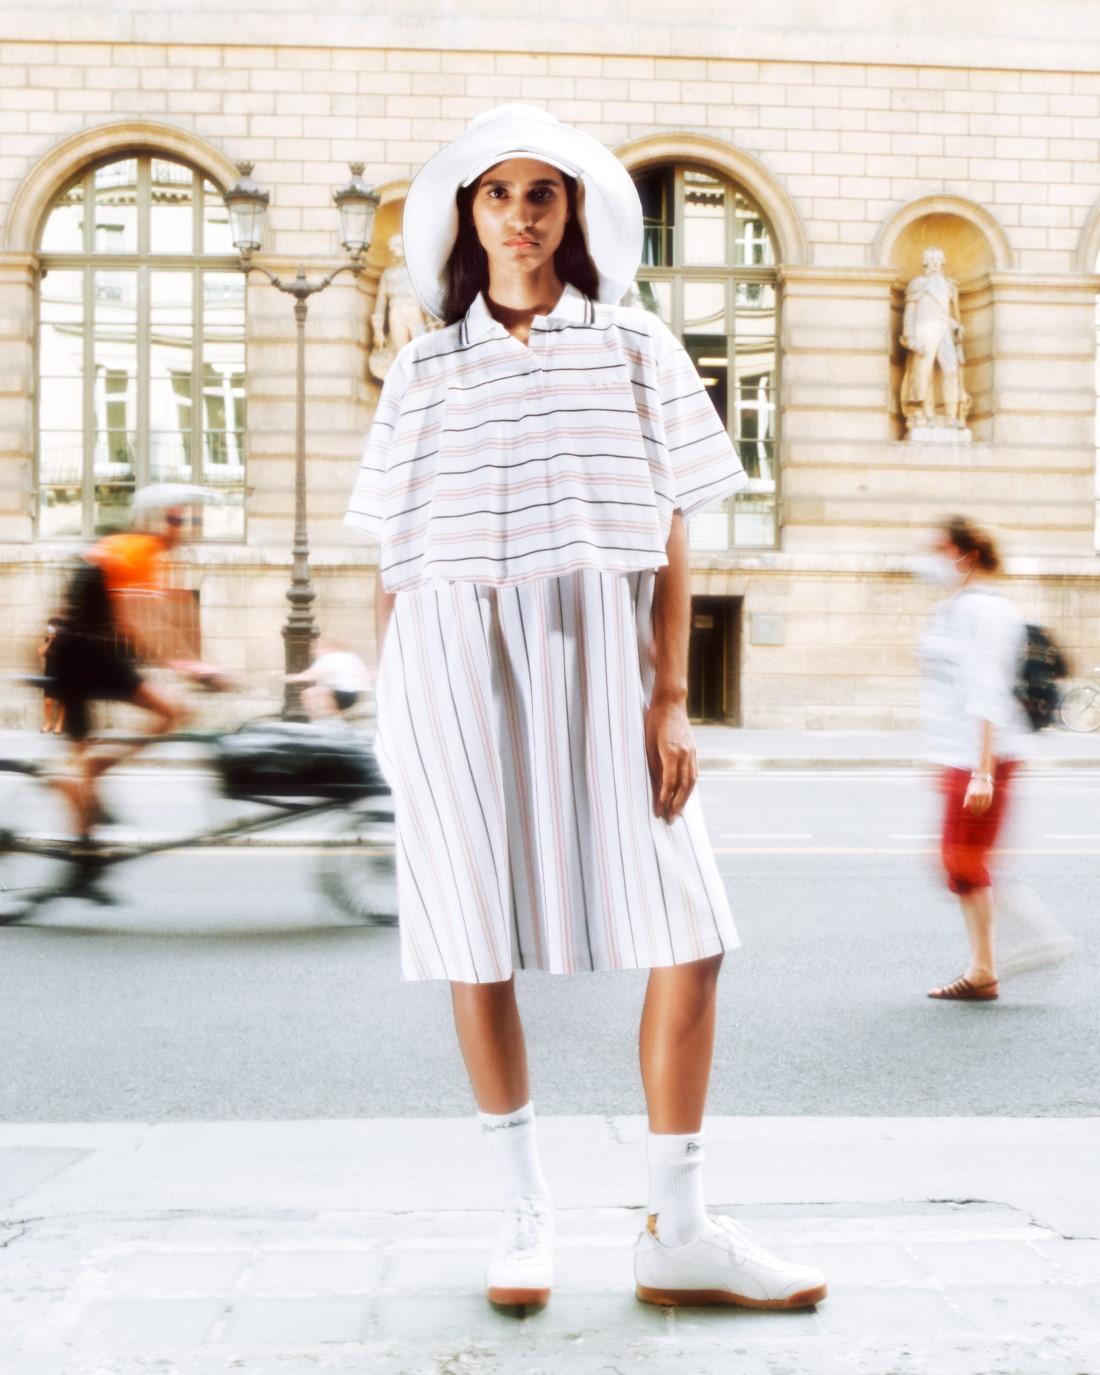 Maison Kitsune Printemps Ete 2021 Paris Fashion Week 14